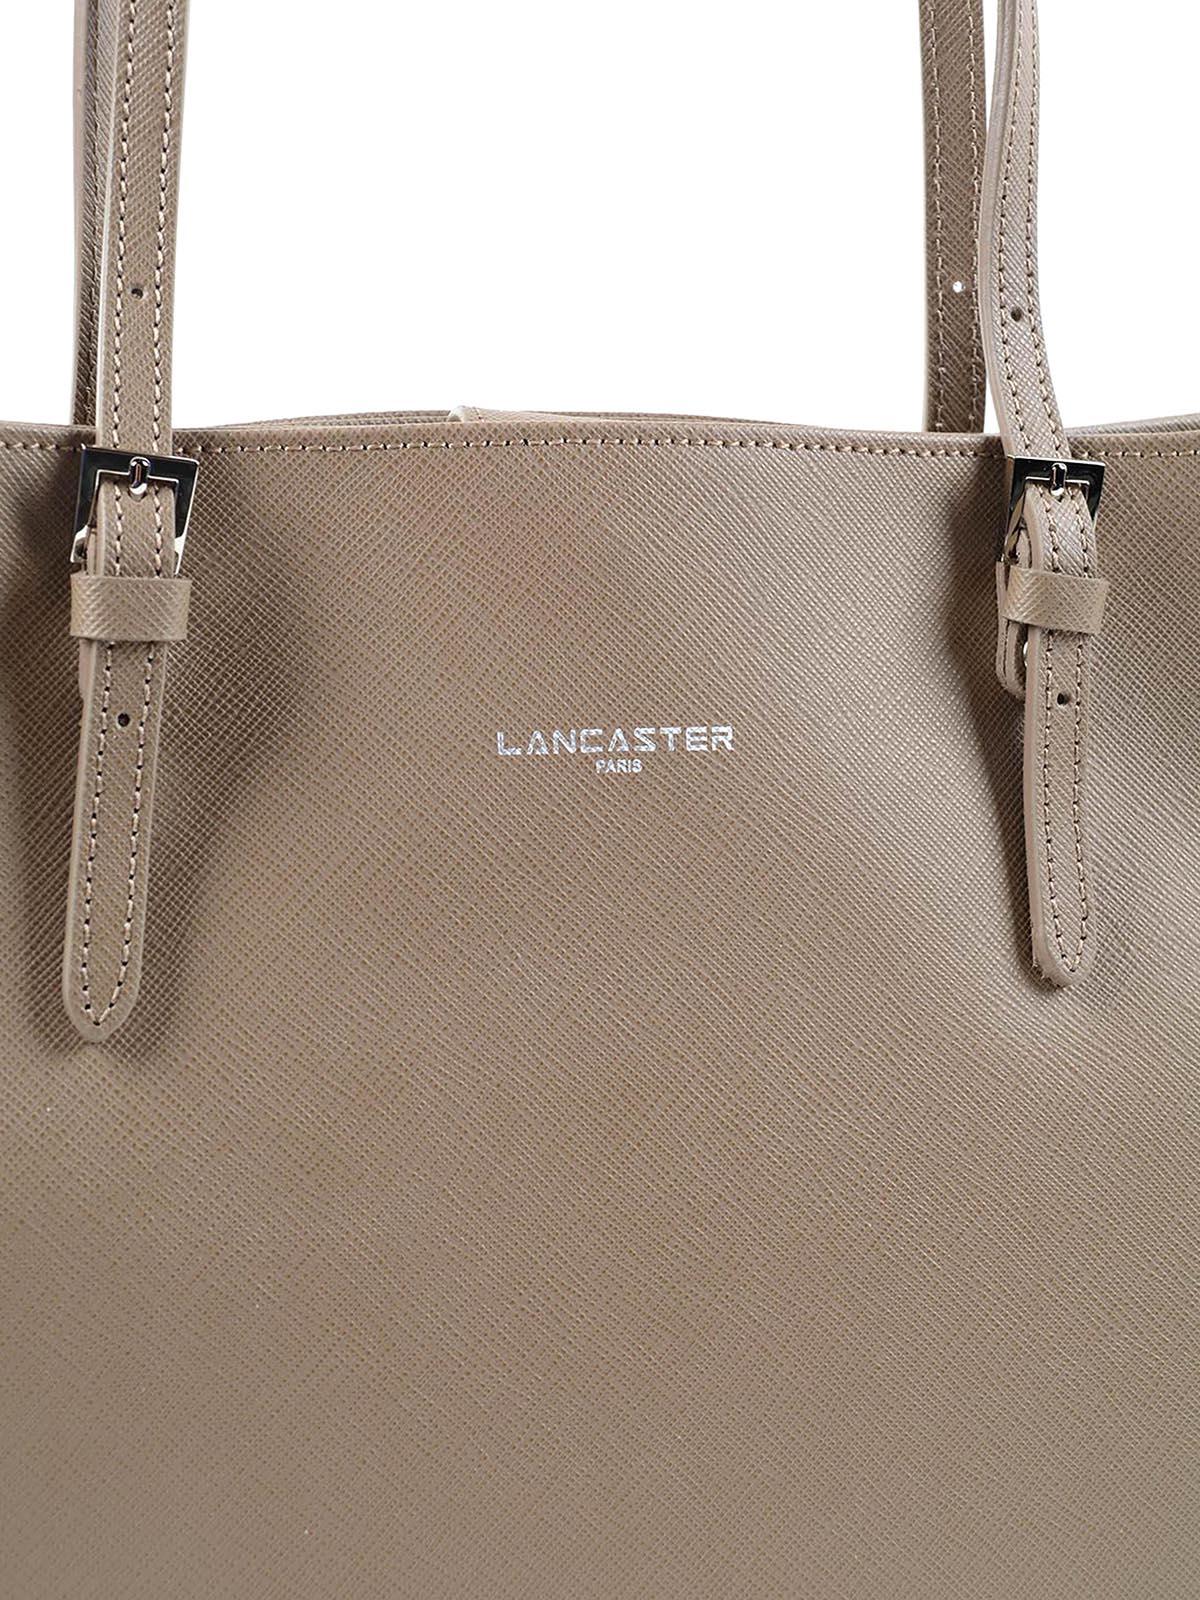 Fourre Online Clair Tout Shop Marron Lancaster raxIpnrq10